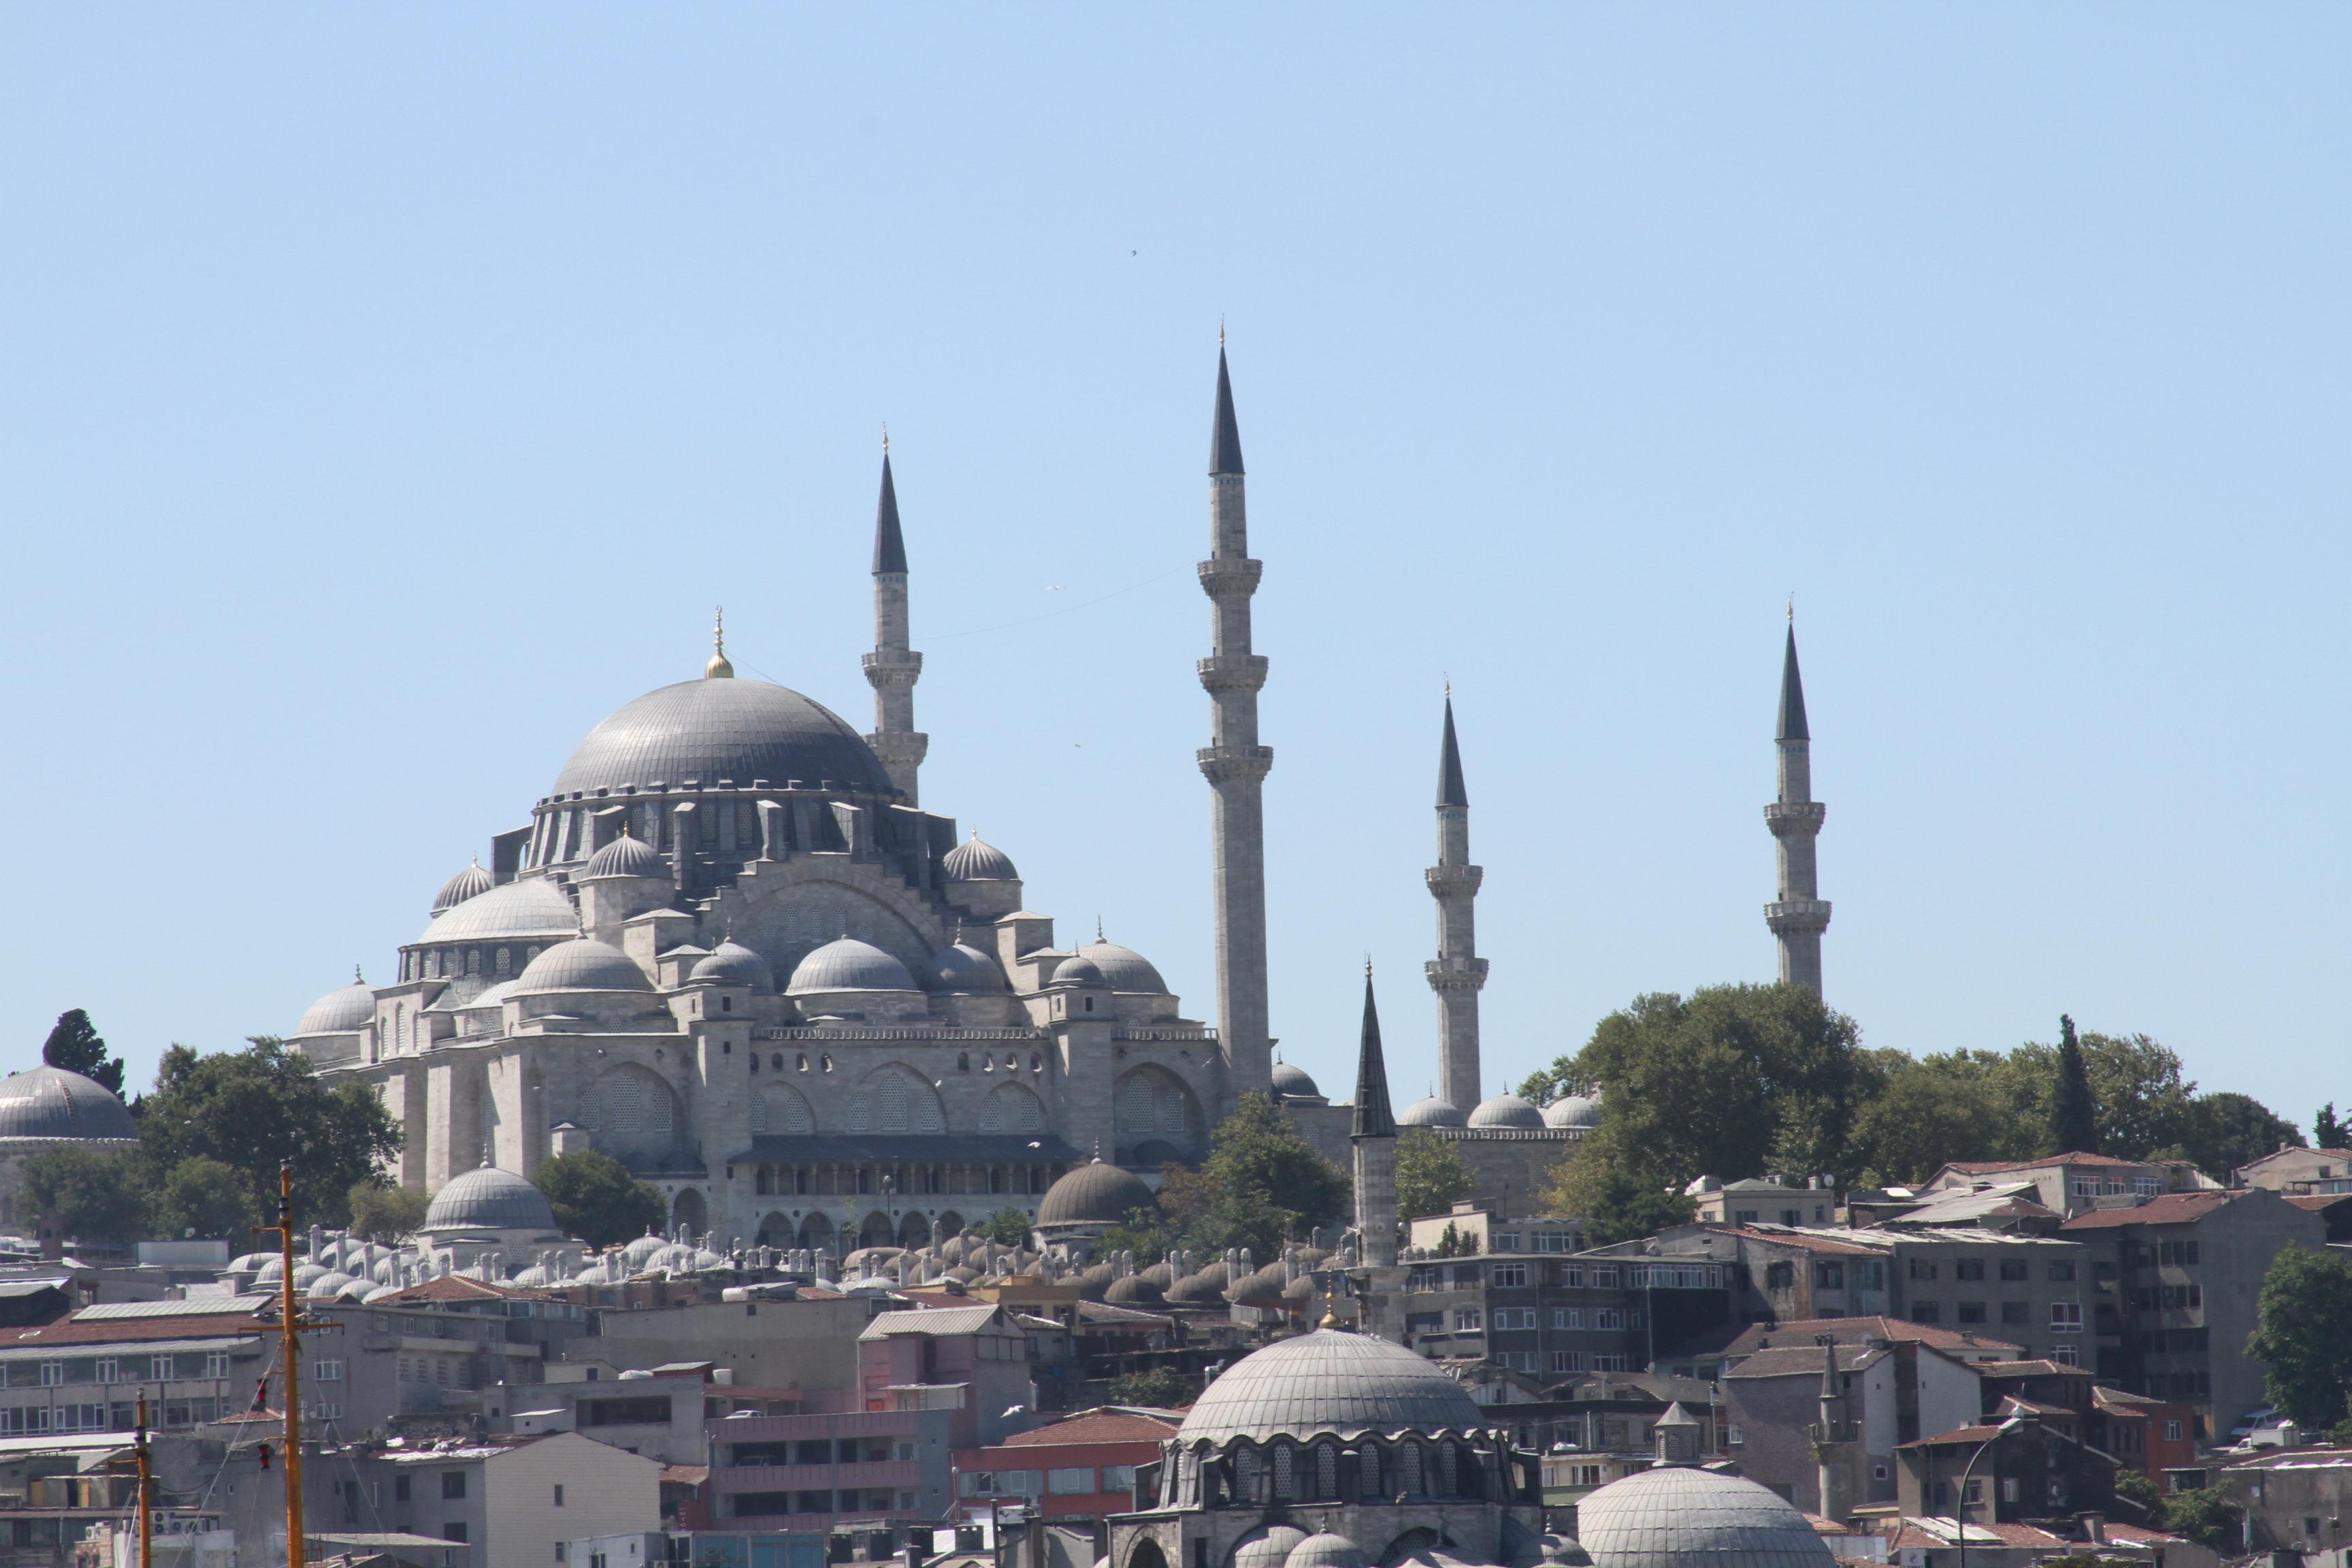 موقع جامع السليمانية في اسطنبول süleymaniye camii